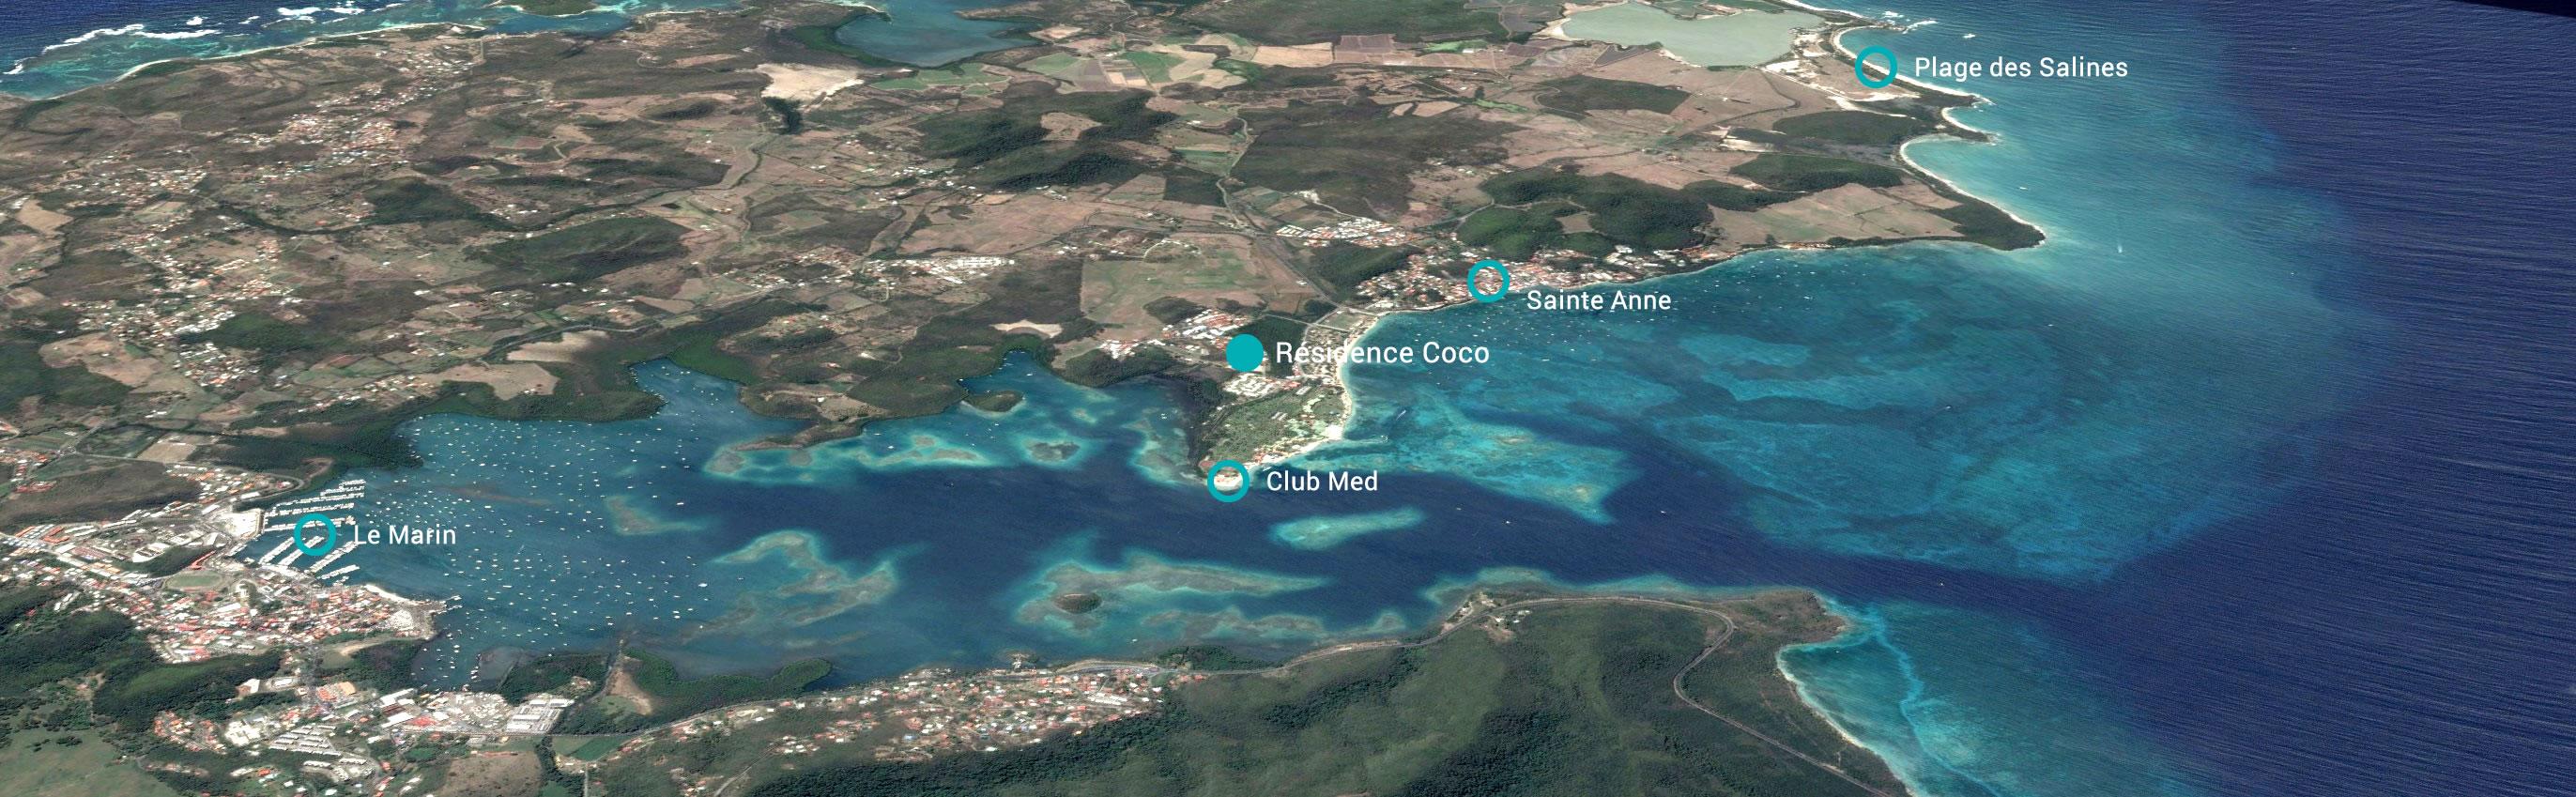 Situation géographique de la résidence COCO